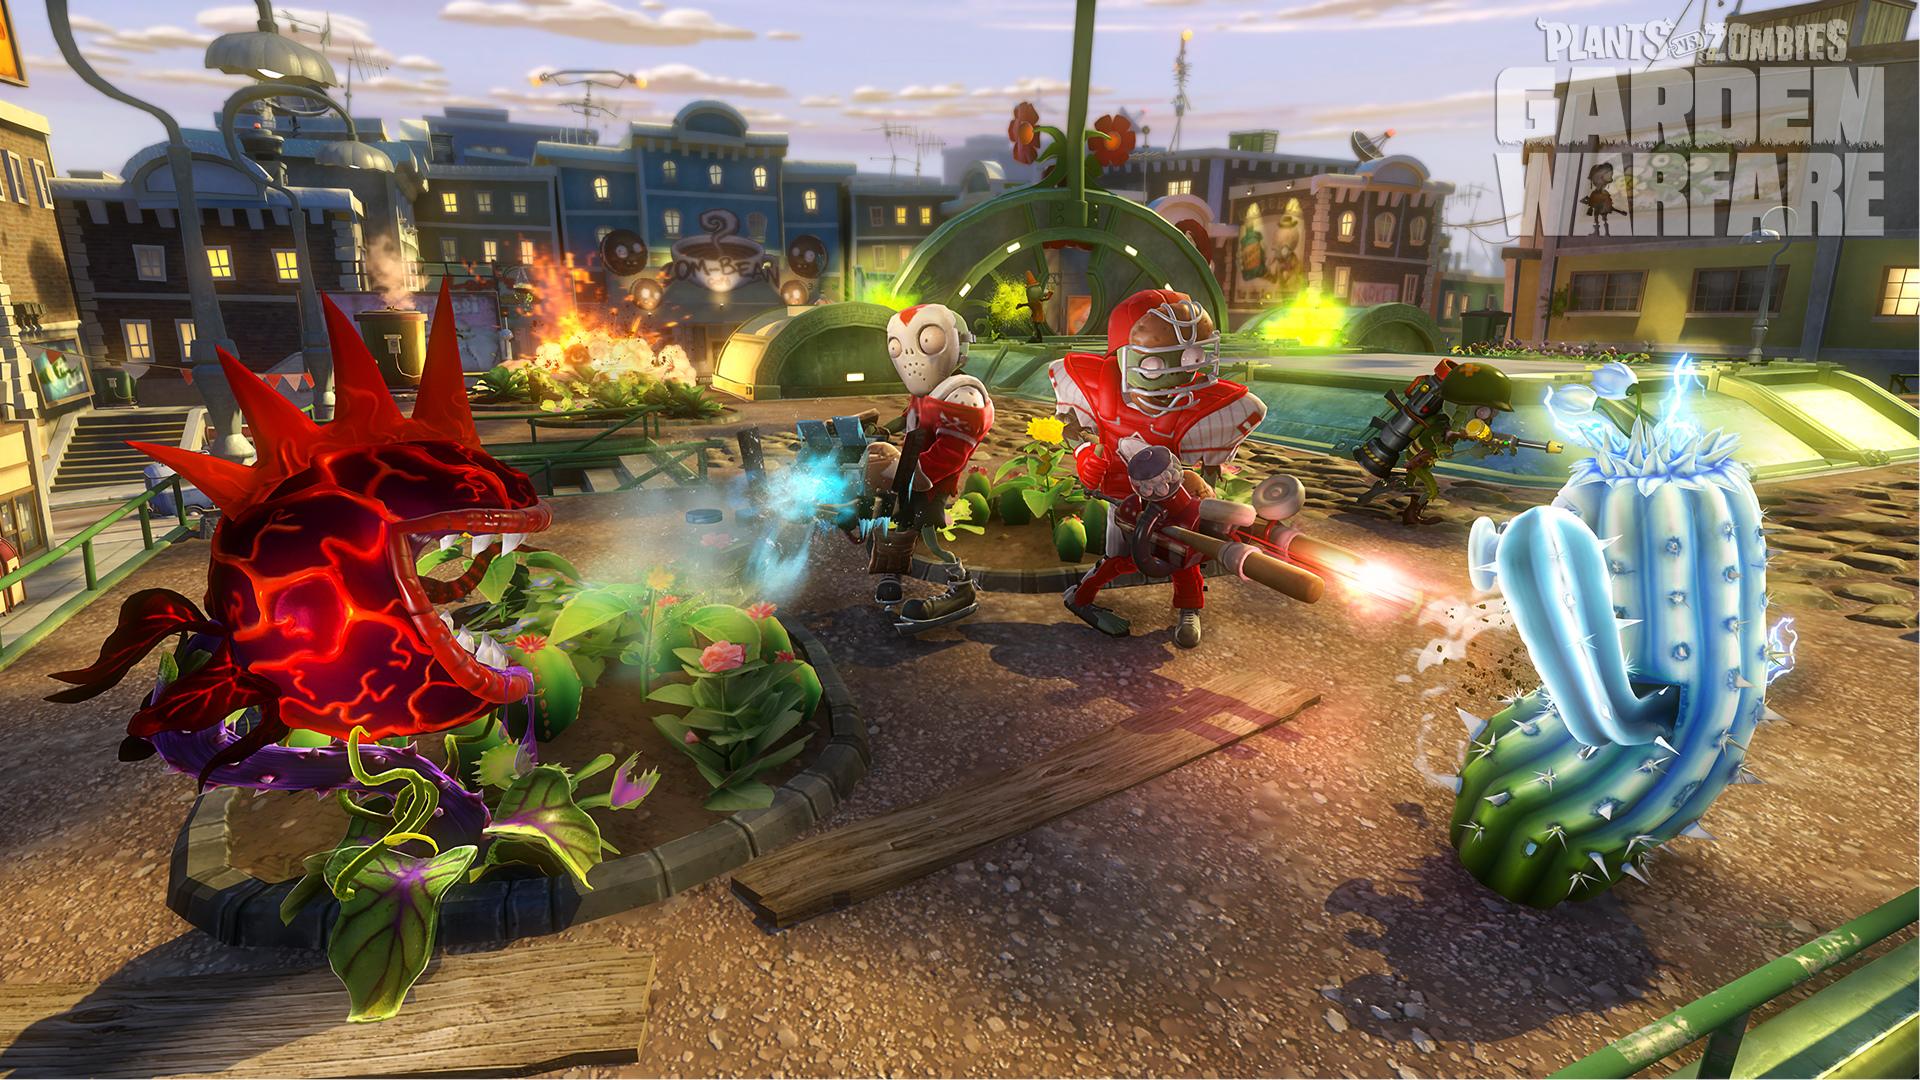 Fondos De Pantalla De Plants Vs Zombies Garden Warfare 1 Y 2